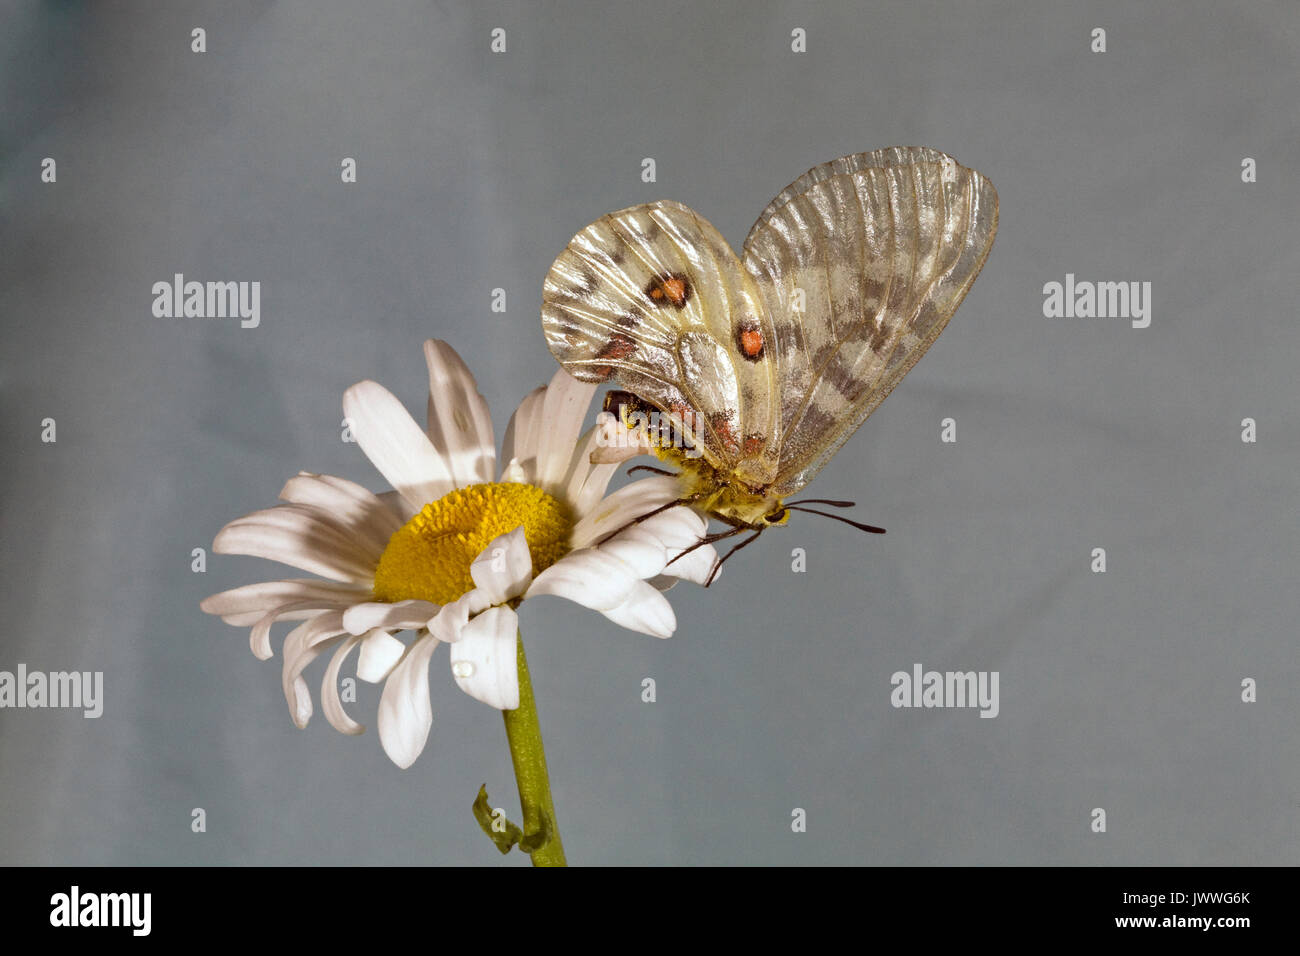 Eine weibliche Clodius Parnassian Schmetterling auf einem Ochsen ruhen - Auge Daisy. Der weißliche Struktur auf ihrem Abdomen ist ein sphragis, einen passenden Stecker auf Ihren g hinterlegt Stockbild